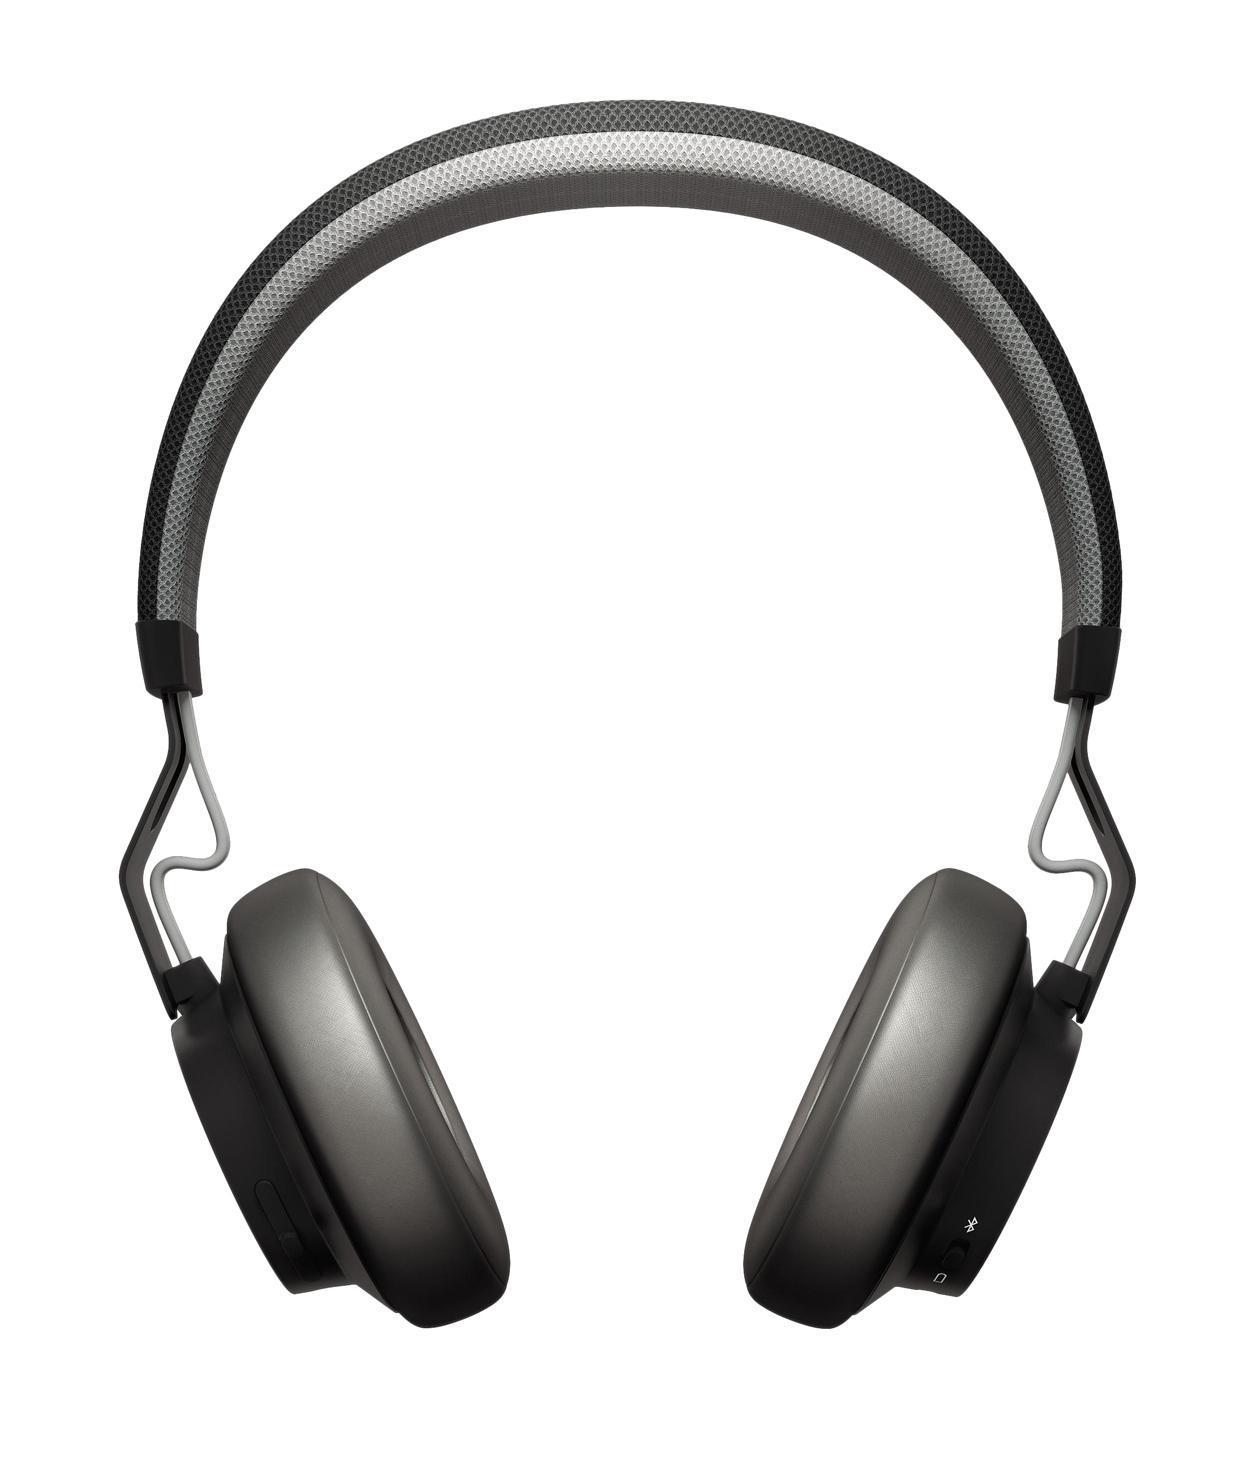 Jabra Move, Black Bluetooth гарнитура100-96300000-60Мощный звук для большого мира. Благодаря вкладу ведущих мировых специалистов по звуку в проектирование Jabra Move Wireless предлагают непревзойденное качество звука в категории беспроводных наушников. Фирменная цифровая обработка сигналов Jabra DSP обеспечивает четкий цифровой звук, открывающий истинную глубину и звучание любимой музыки. Созданные вдохновлять, СОЗДАННЫЕ ДЛЯ ЖИЗНИ. Скандинавский дизайн наушников Move Wireless с четкими, выверенными линиями. Мощь звучания и разнообразие функций. При выборе цветов мы черпали вдохновение из огней и красок современного мегаполиса, а при разработке ультралегкого регулируемого оголовья стремились сделать его более удобным для ношения и максимально долговечным. Move Wireless дарит вам звуки музыки, где бы вы не находились. Пора оставить провода дома. Беспроводные технологии еще никогда не дарили столько свободы. Move Wireless просты в подключении, вы можете держать...